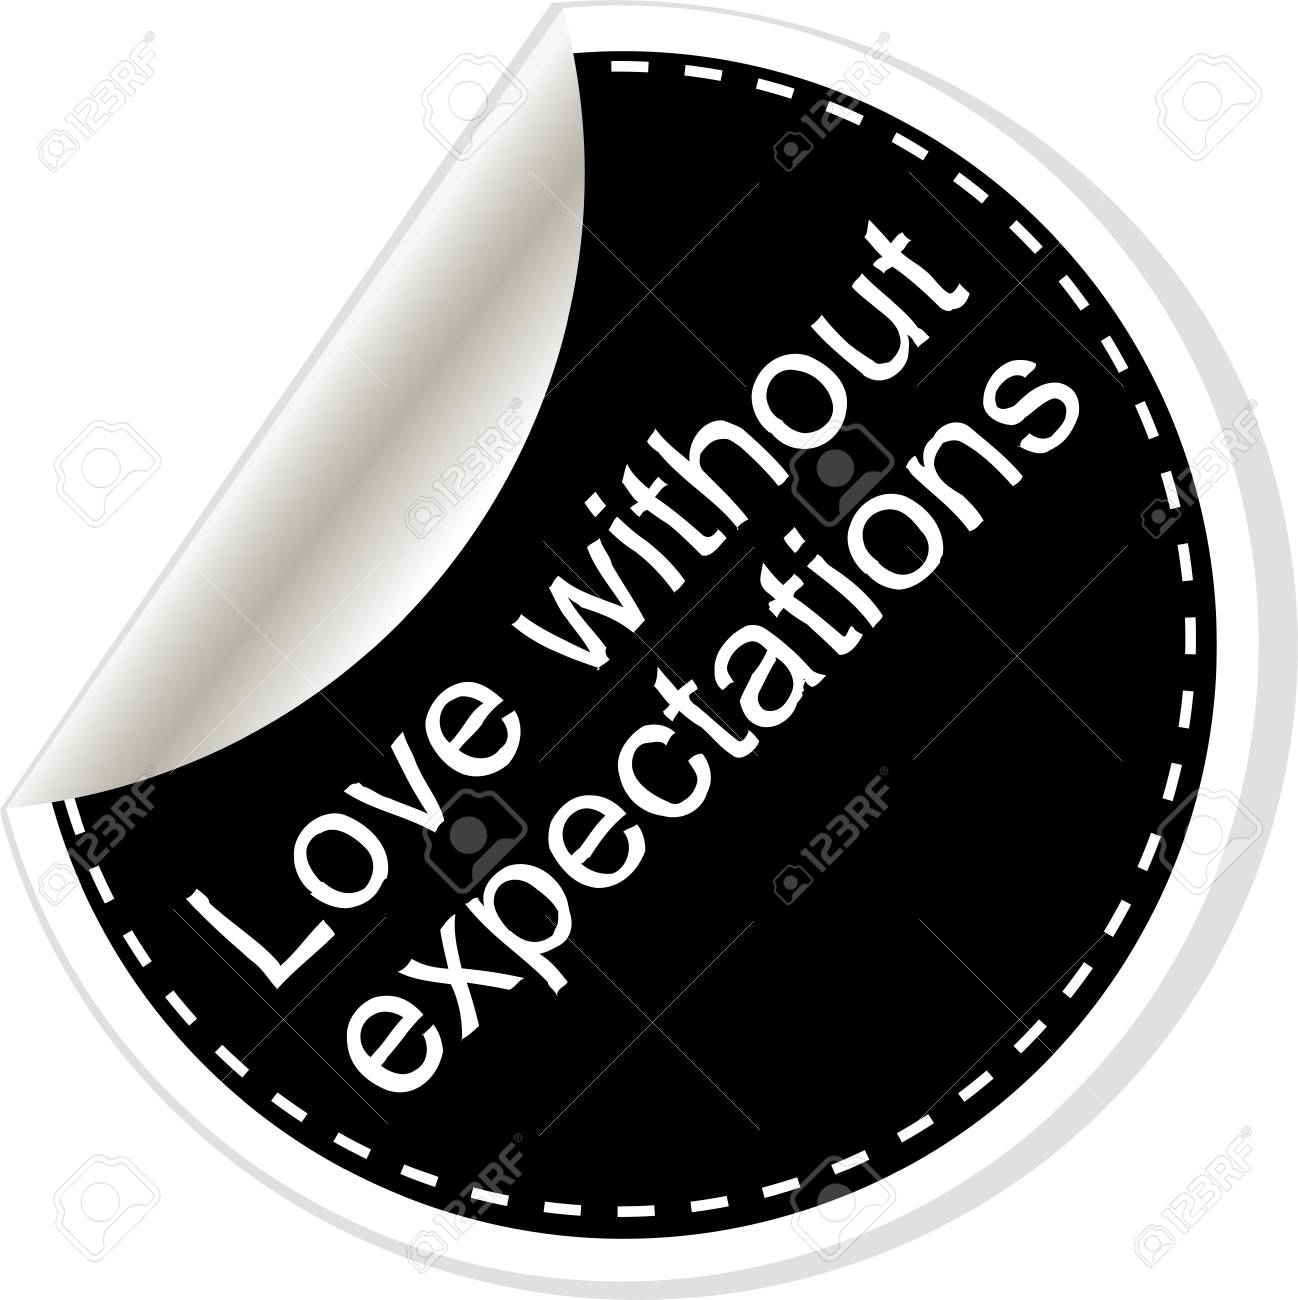 Liebe ohne erwartungen